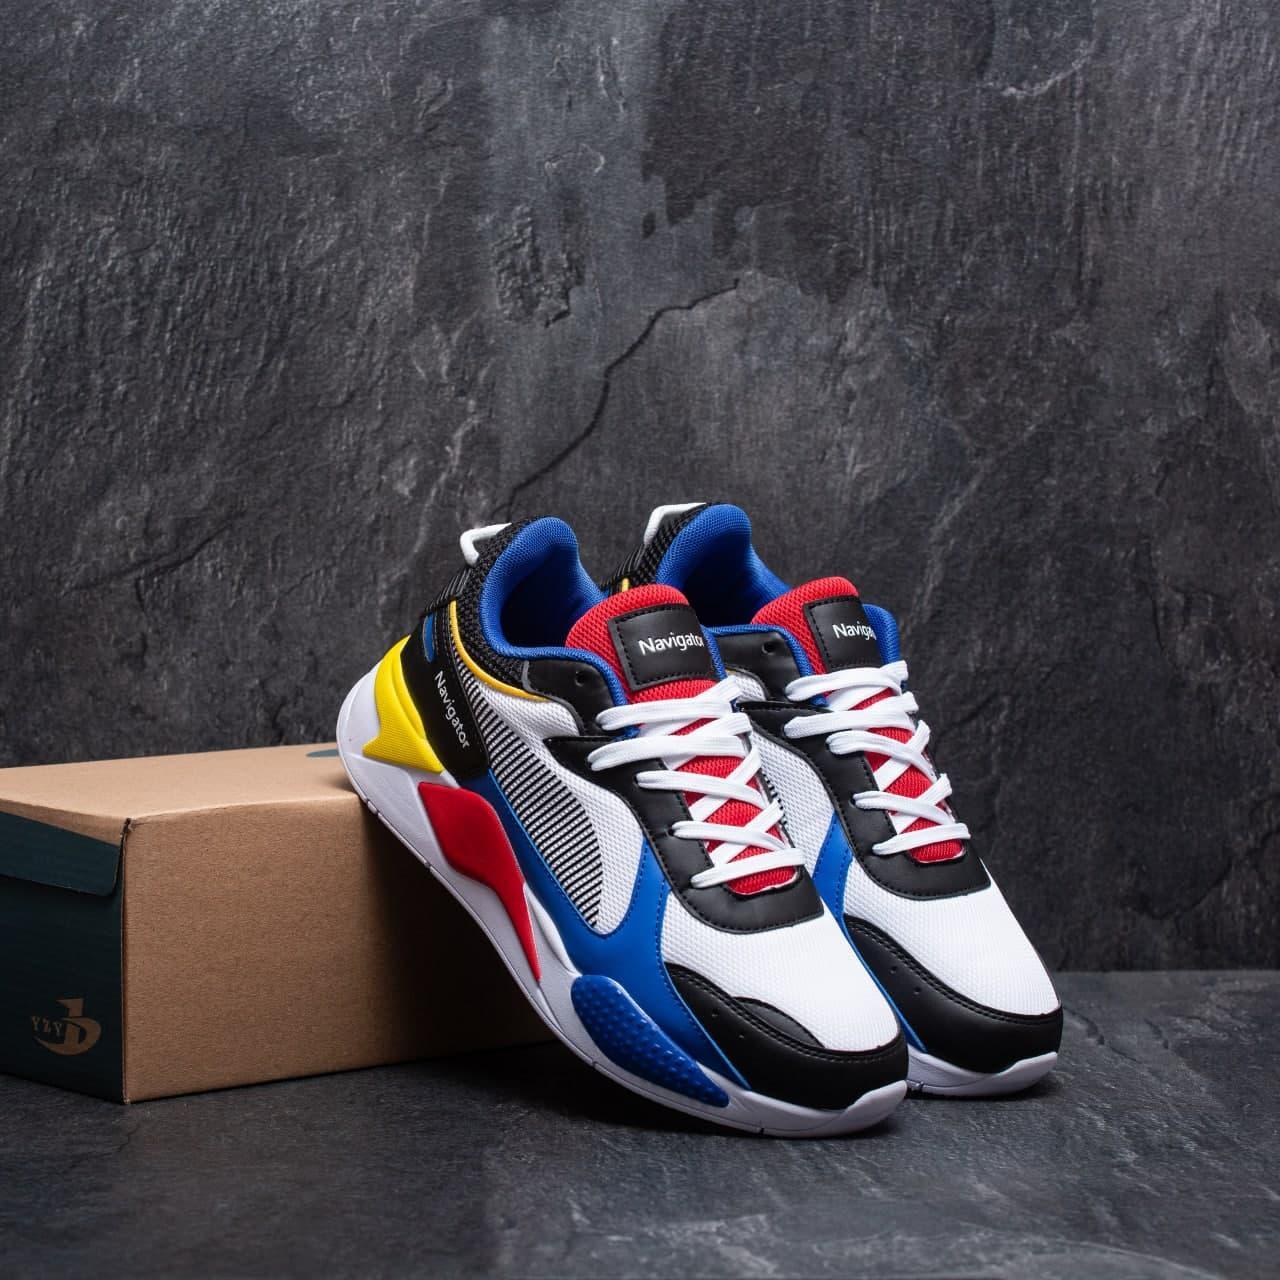 Мужские кроссовки в стиле Ривал 90